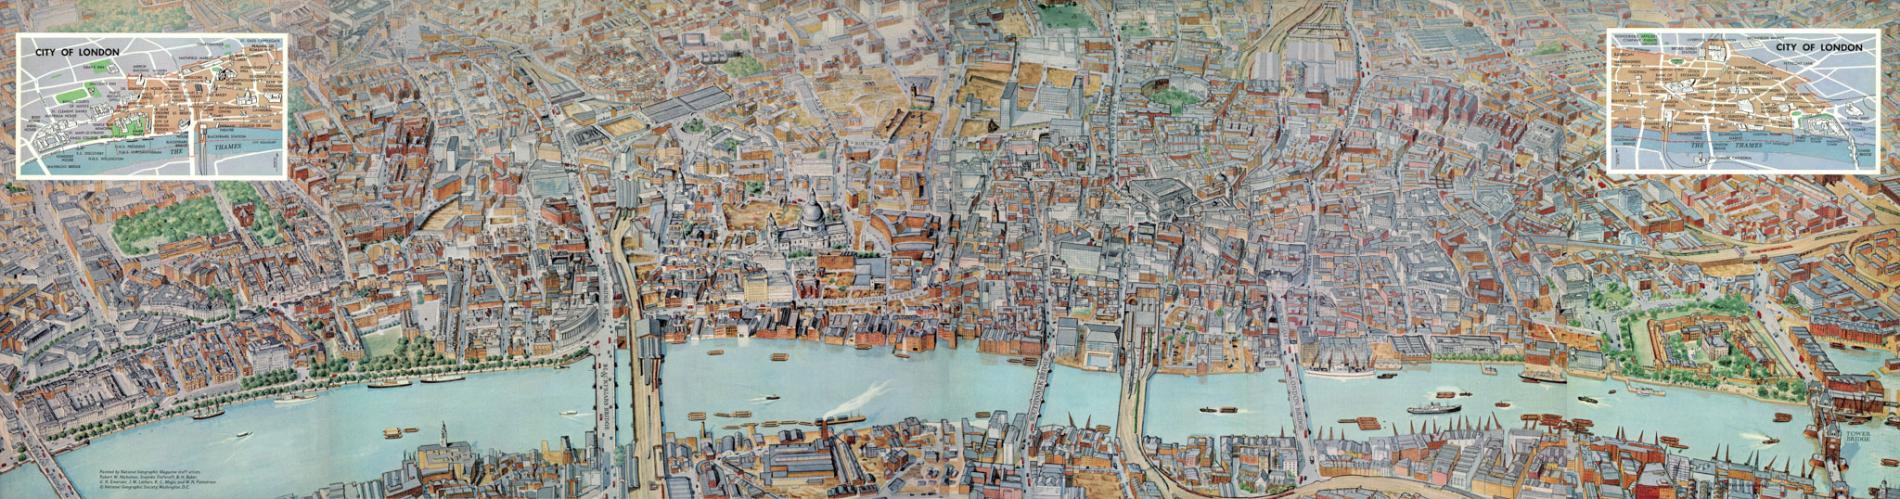 1961 London Panorama.jpg